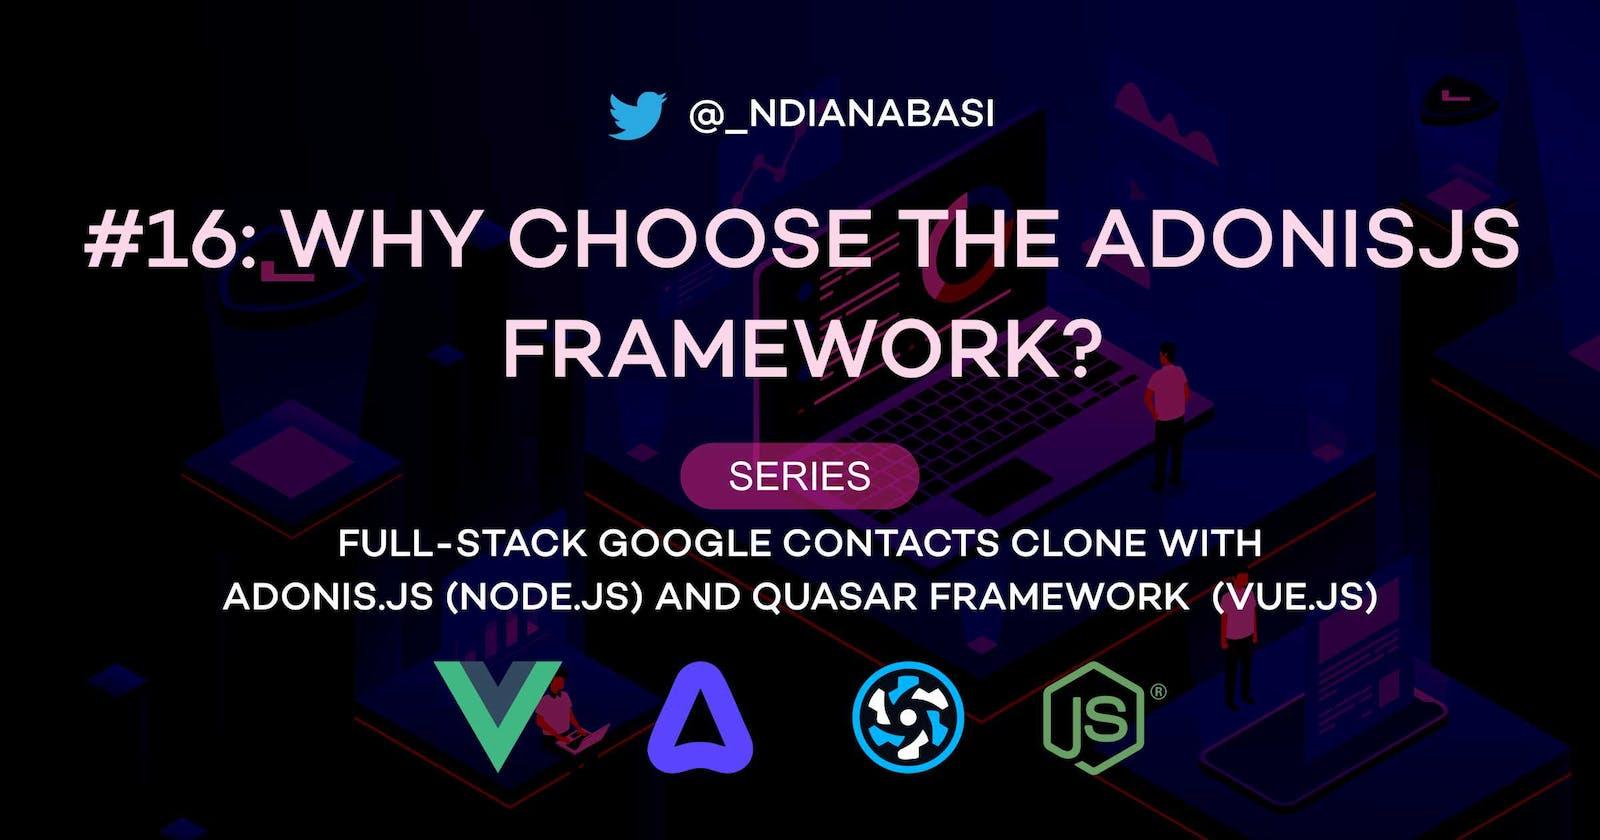 Why Choose the AdonisJs Framework?   Full-Stack Google Contacts Clone with AdonisJs (Node.js) and Quasar Framework (Vue.js)